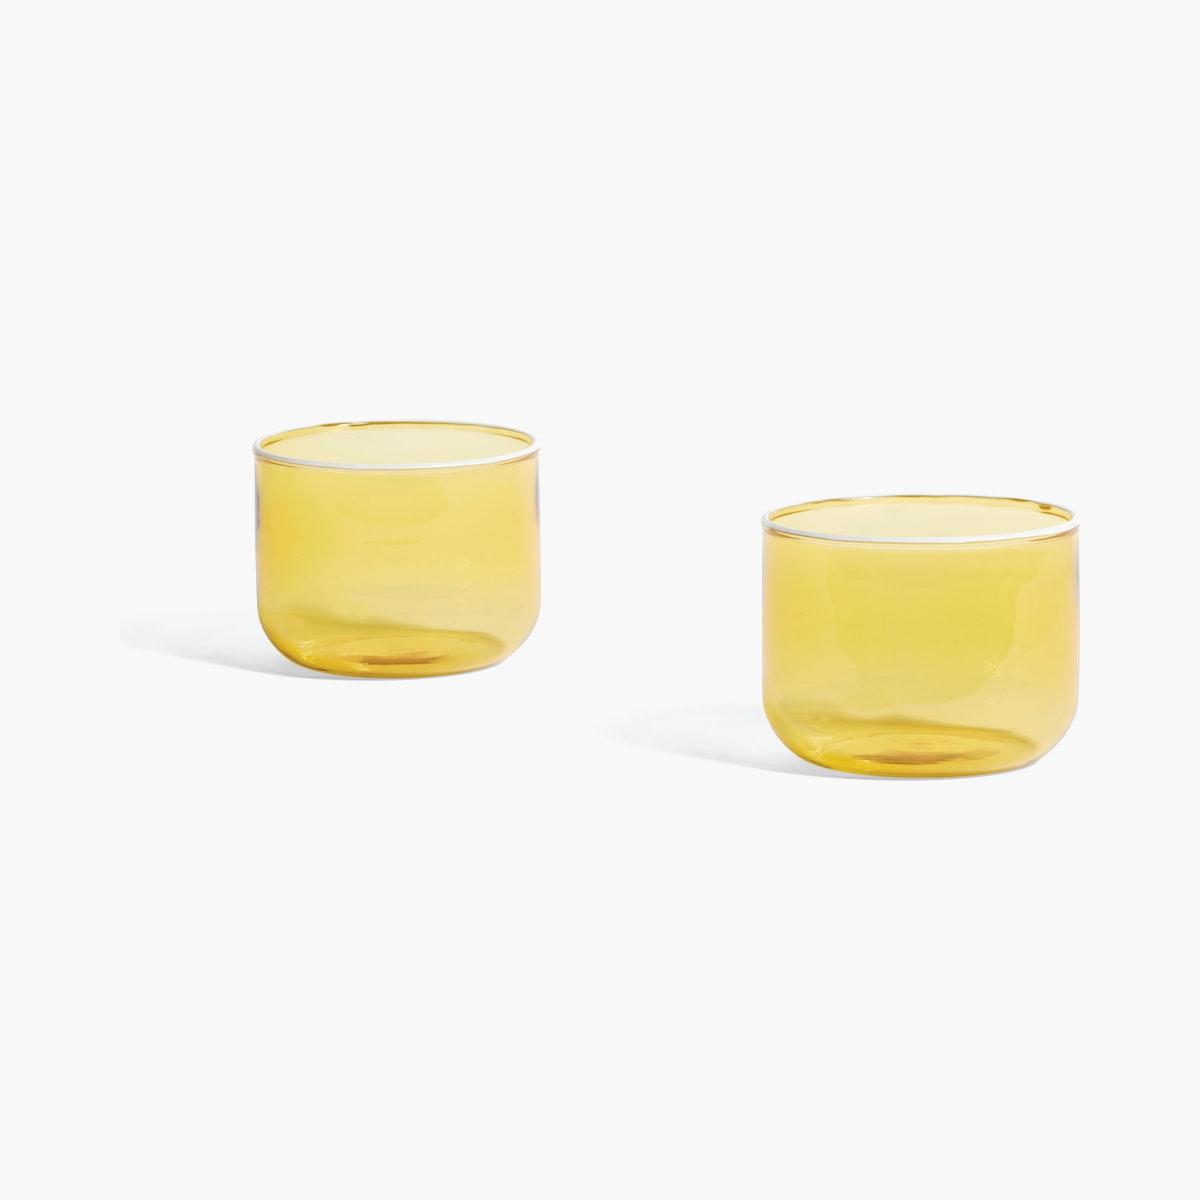 Tint Glasses, Set of 2